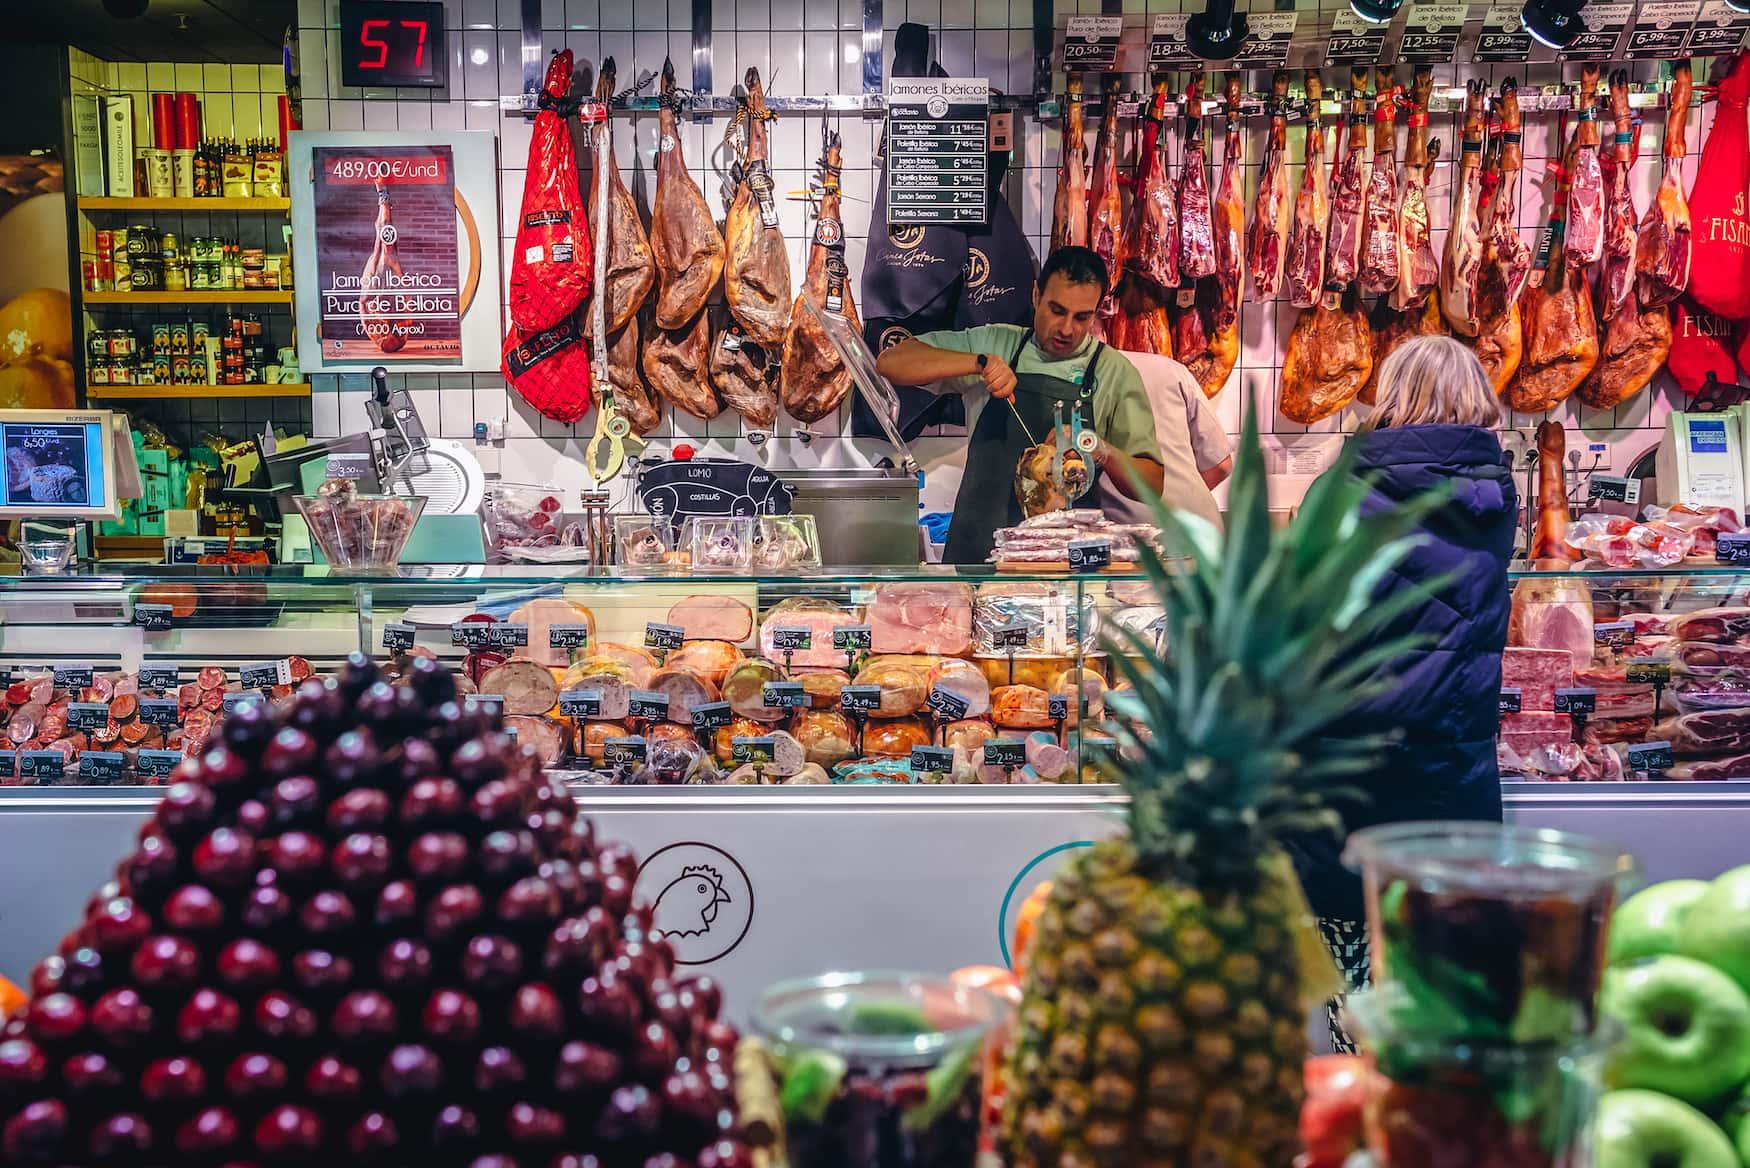 Der Mercado San Anton in Madrid ist eine der schönsten Markthallen in Spanien